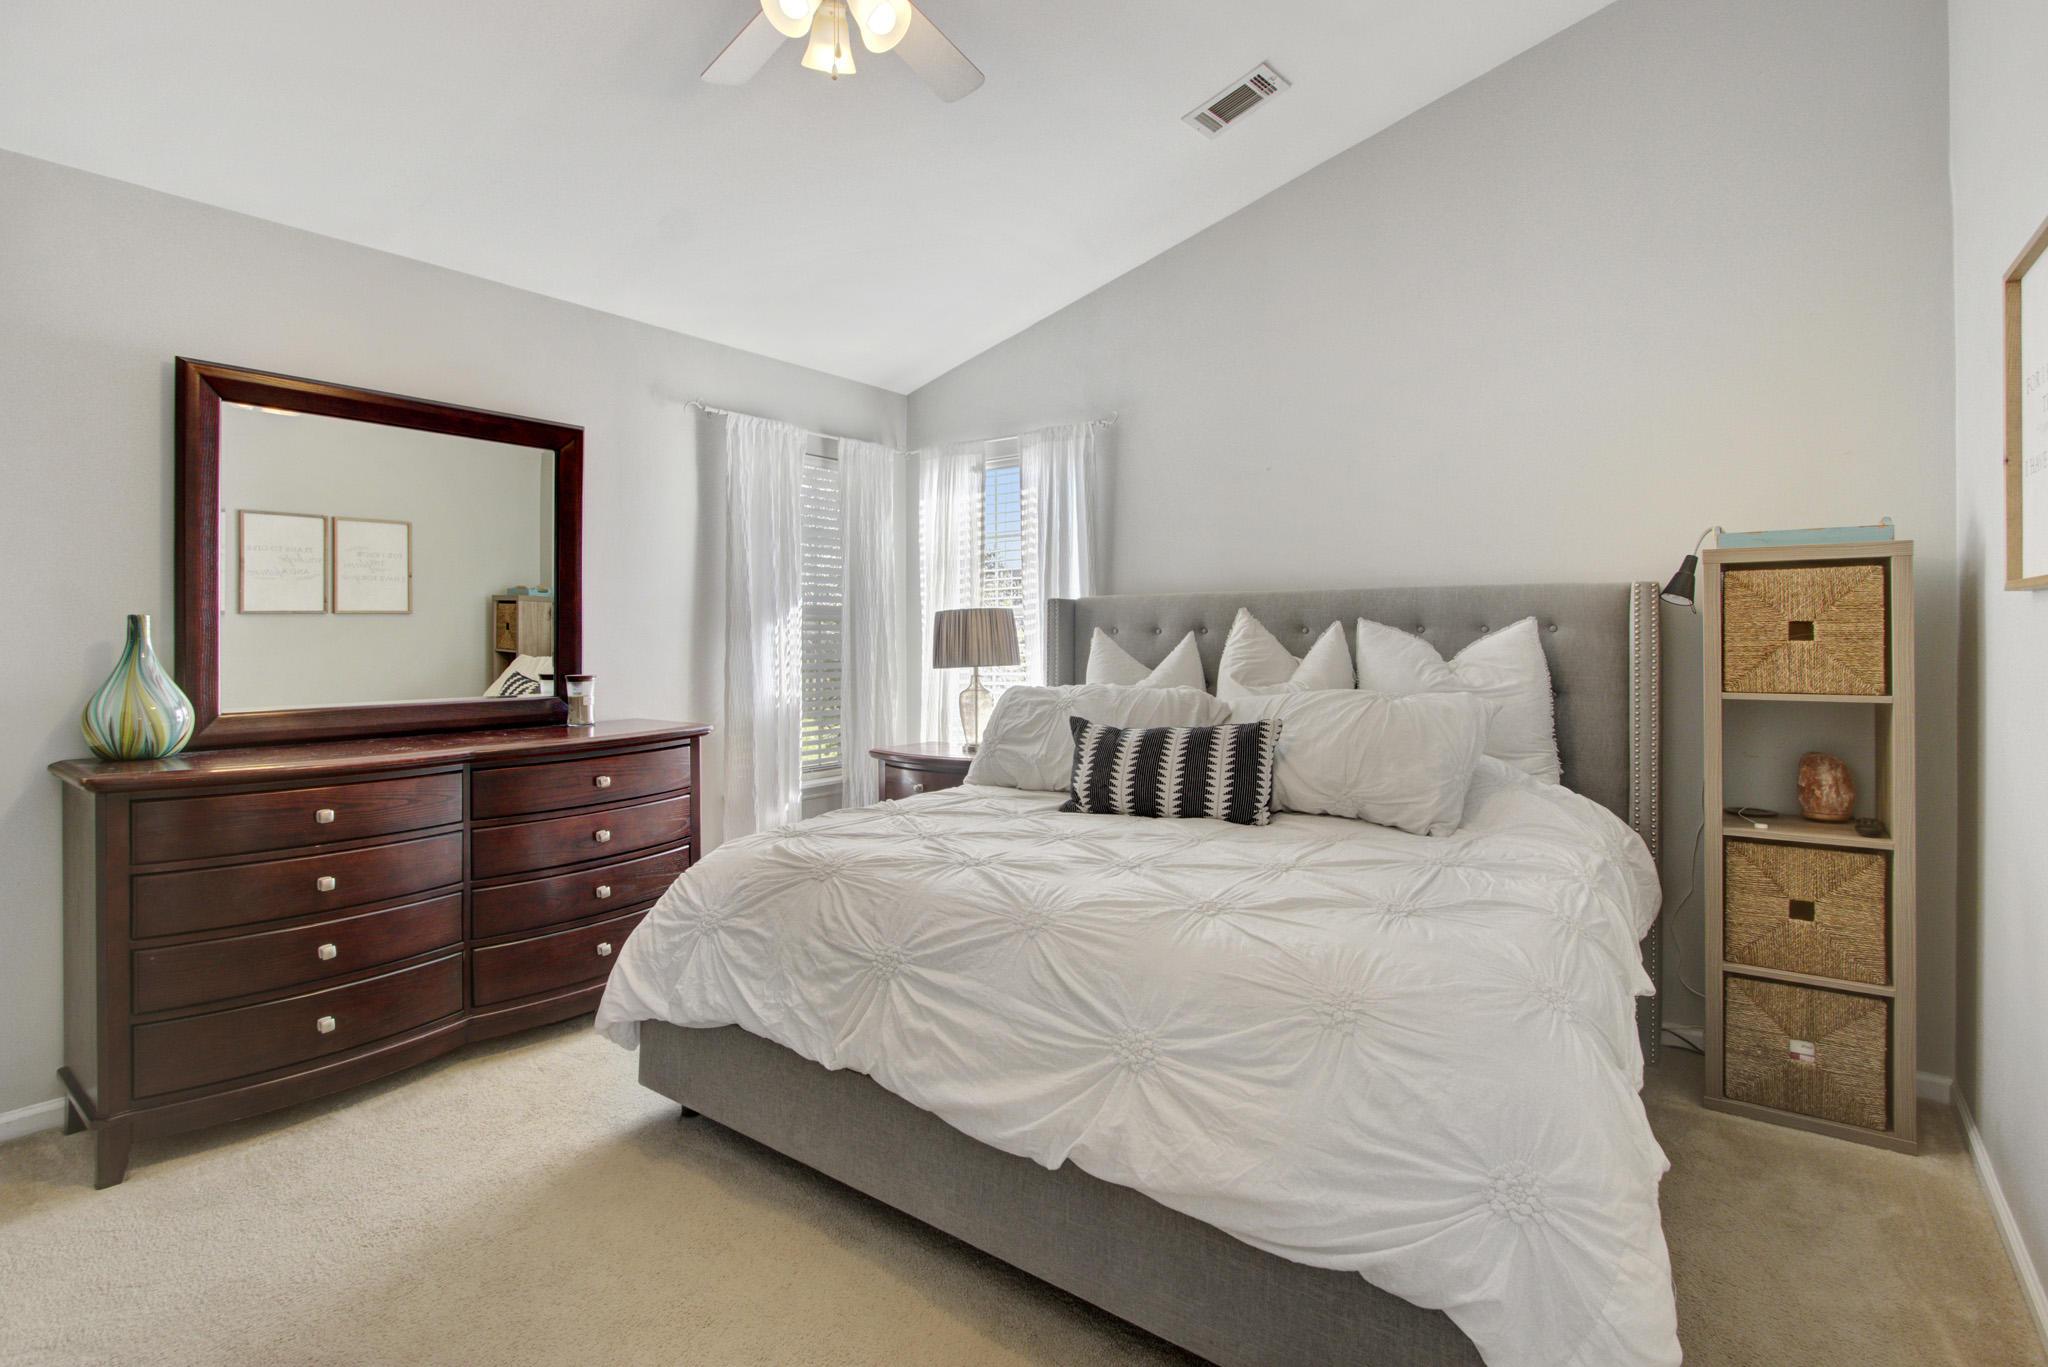 Dunes West Homes For Sale - 1425 Water Oak Cut, Mount Pleasant, SC - 8